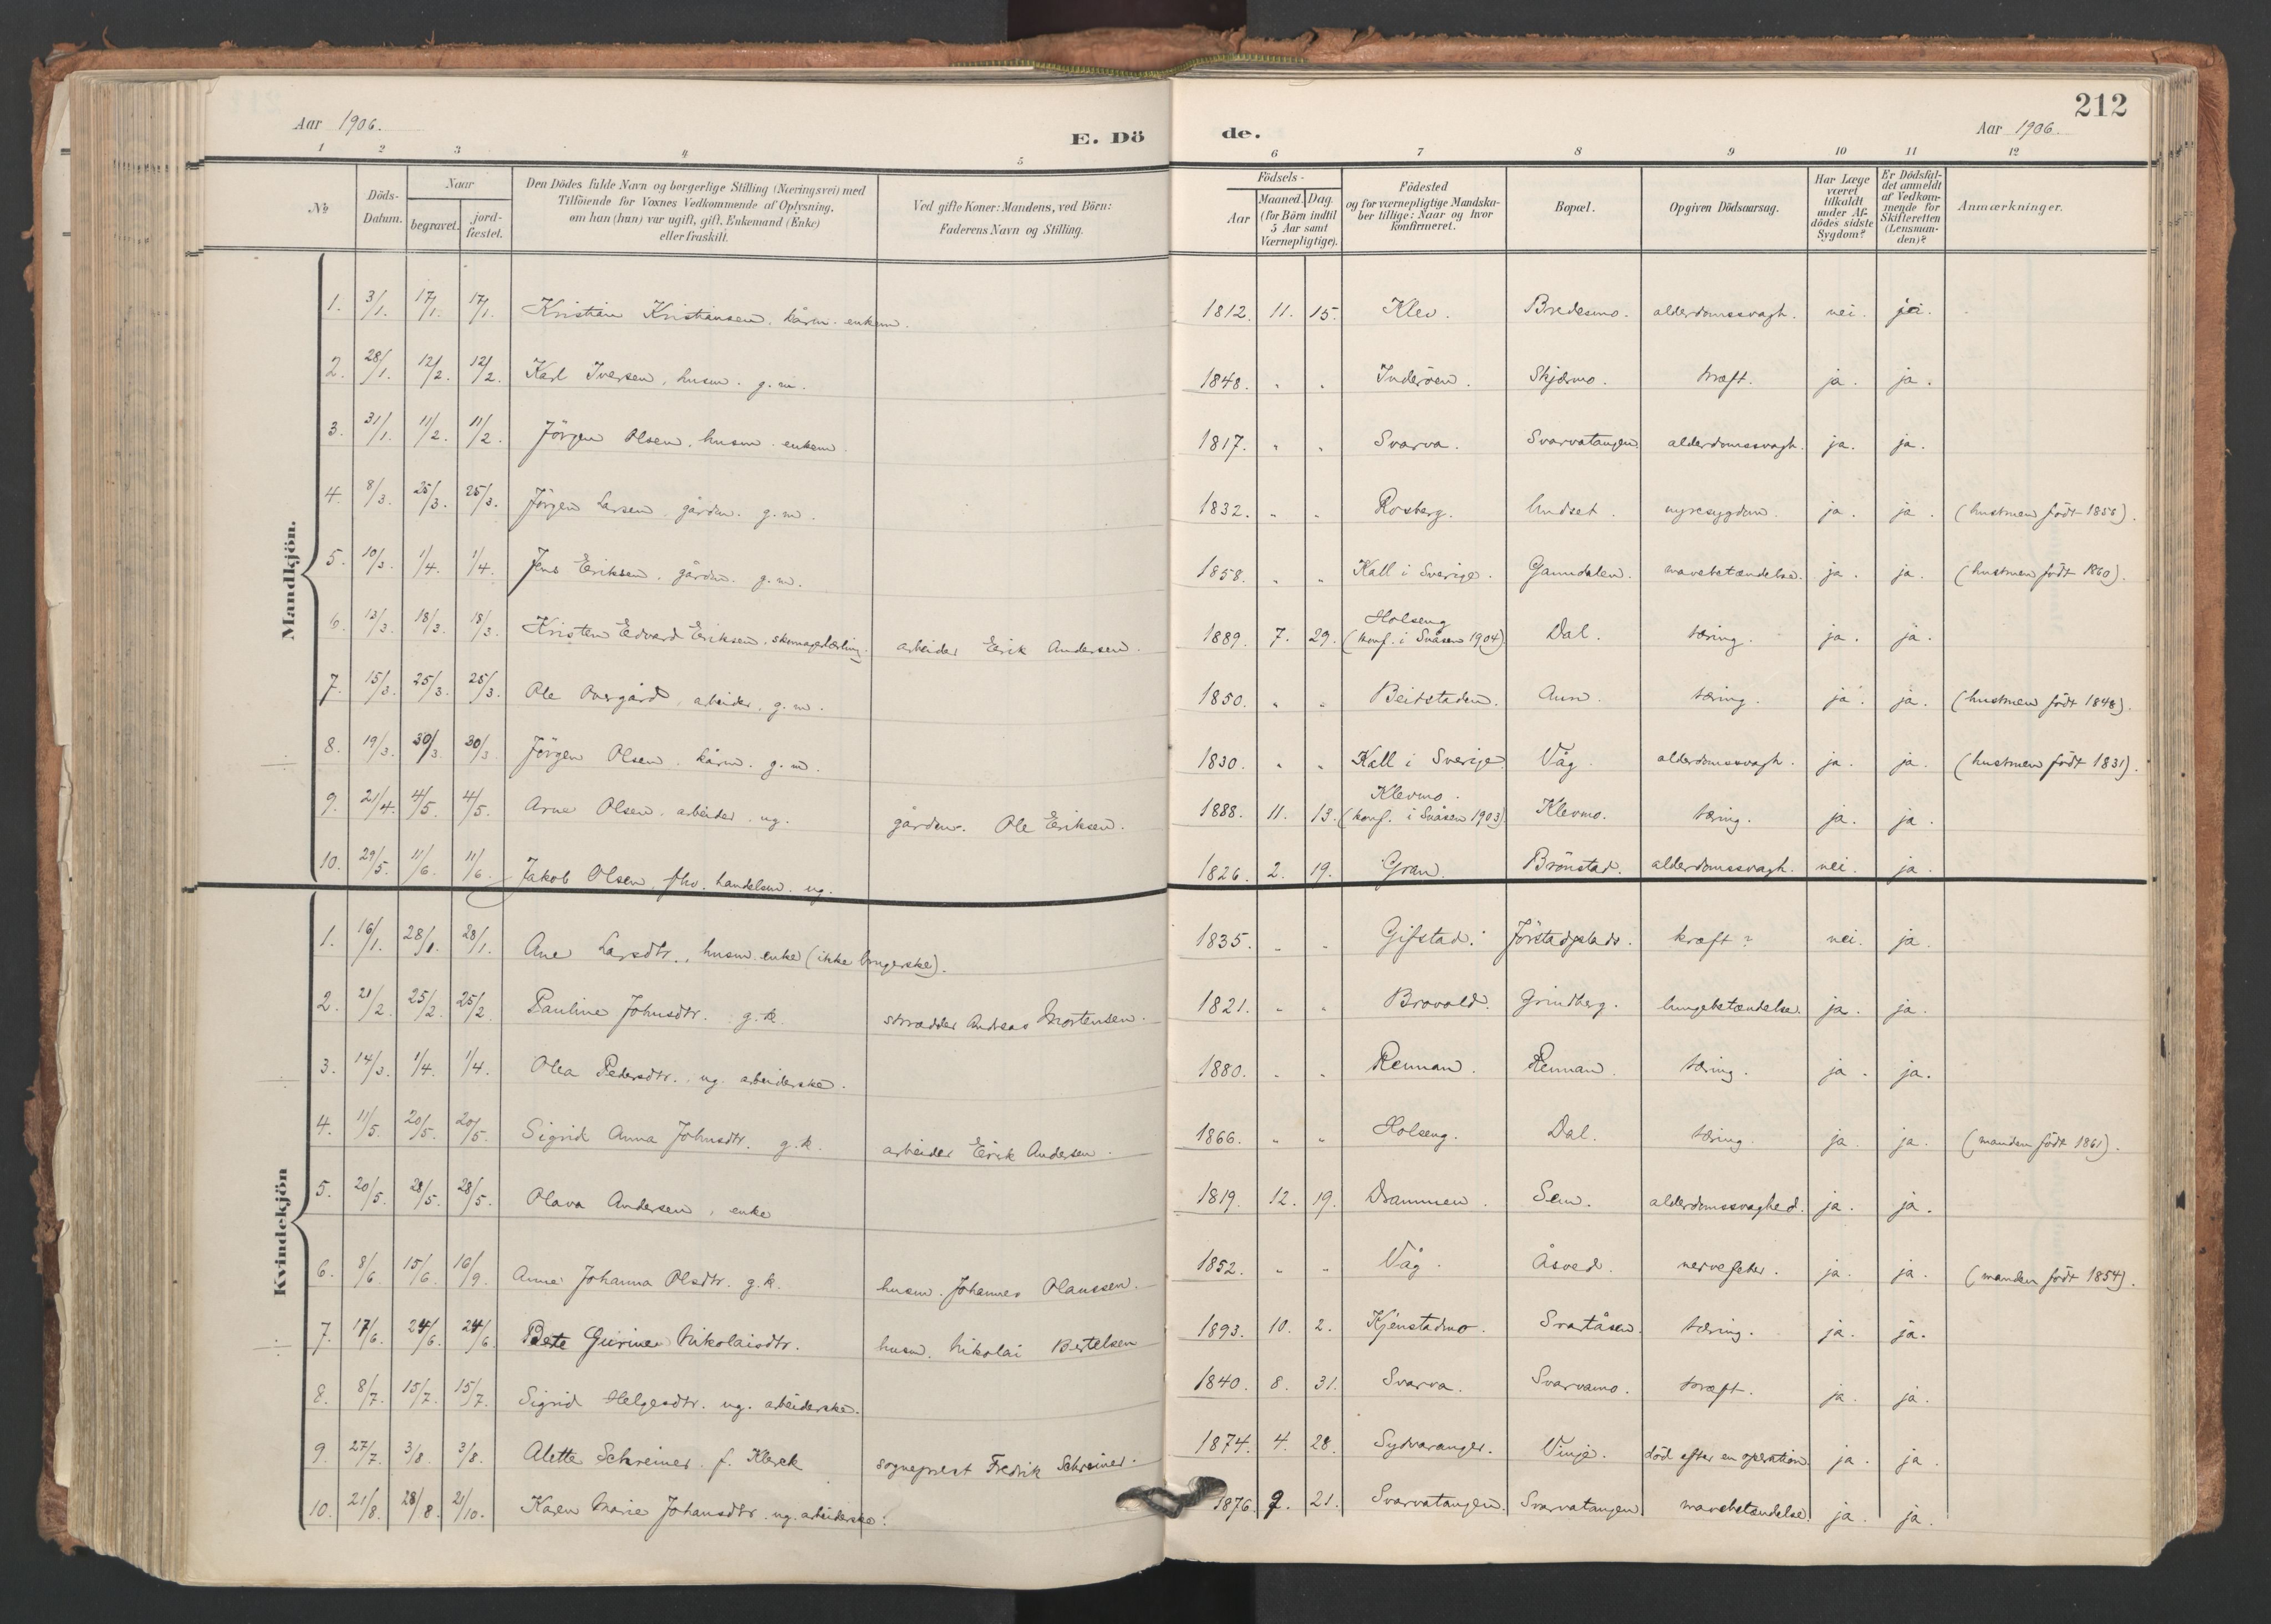 SAT, Ministerialprotokoller, klokkerbøker og fødselsregistre - Nord-Trøndelag, 749/L0477: Ministerialbok nr. 749A11, 1902-1927, s. 212